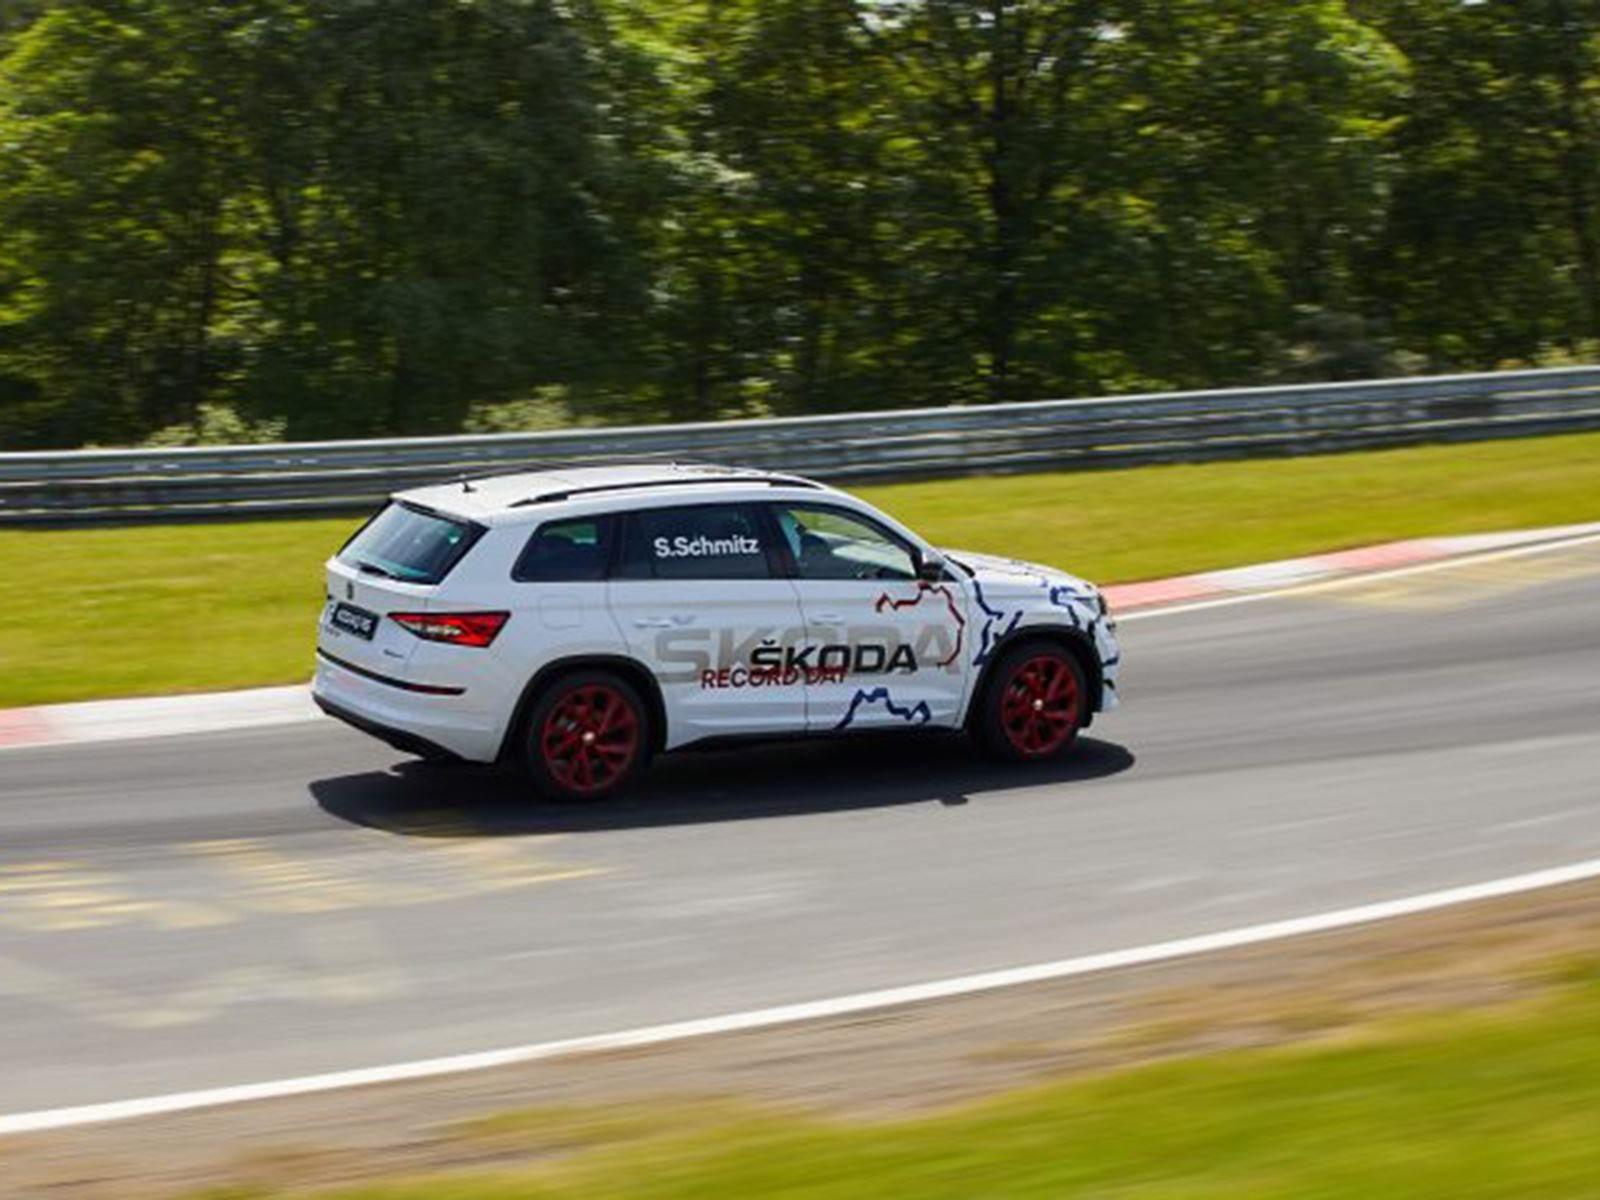 Шмитц славится тем, что управляла несколькими весьма крупными автомобилями на треке, включая фургон Ford для Top Gear.